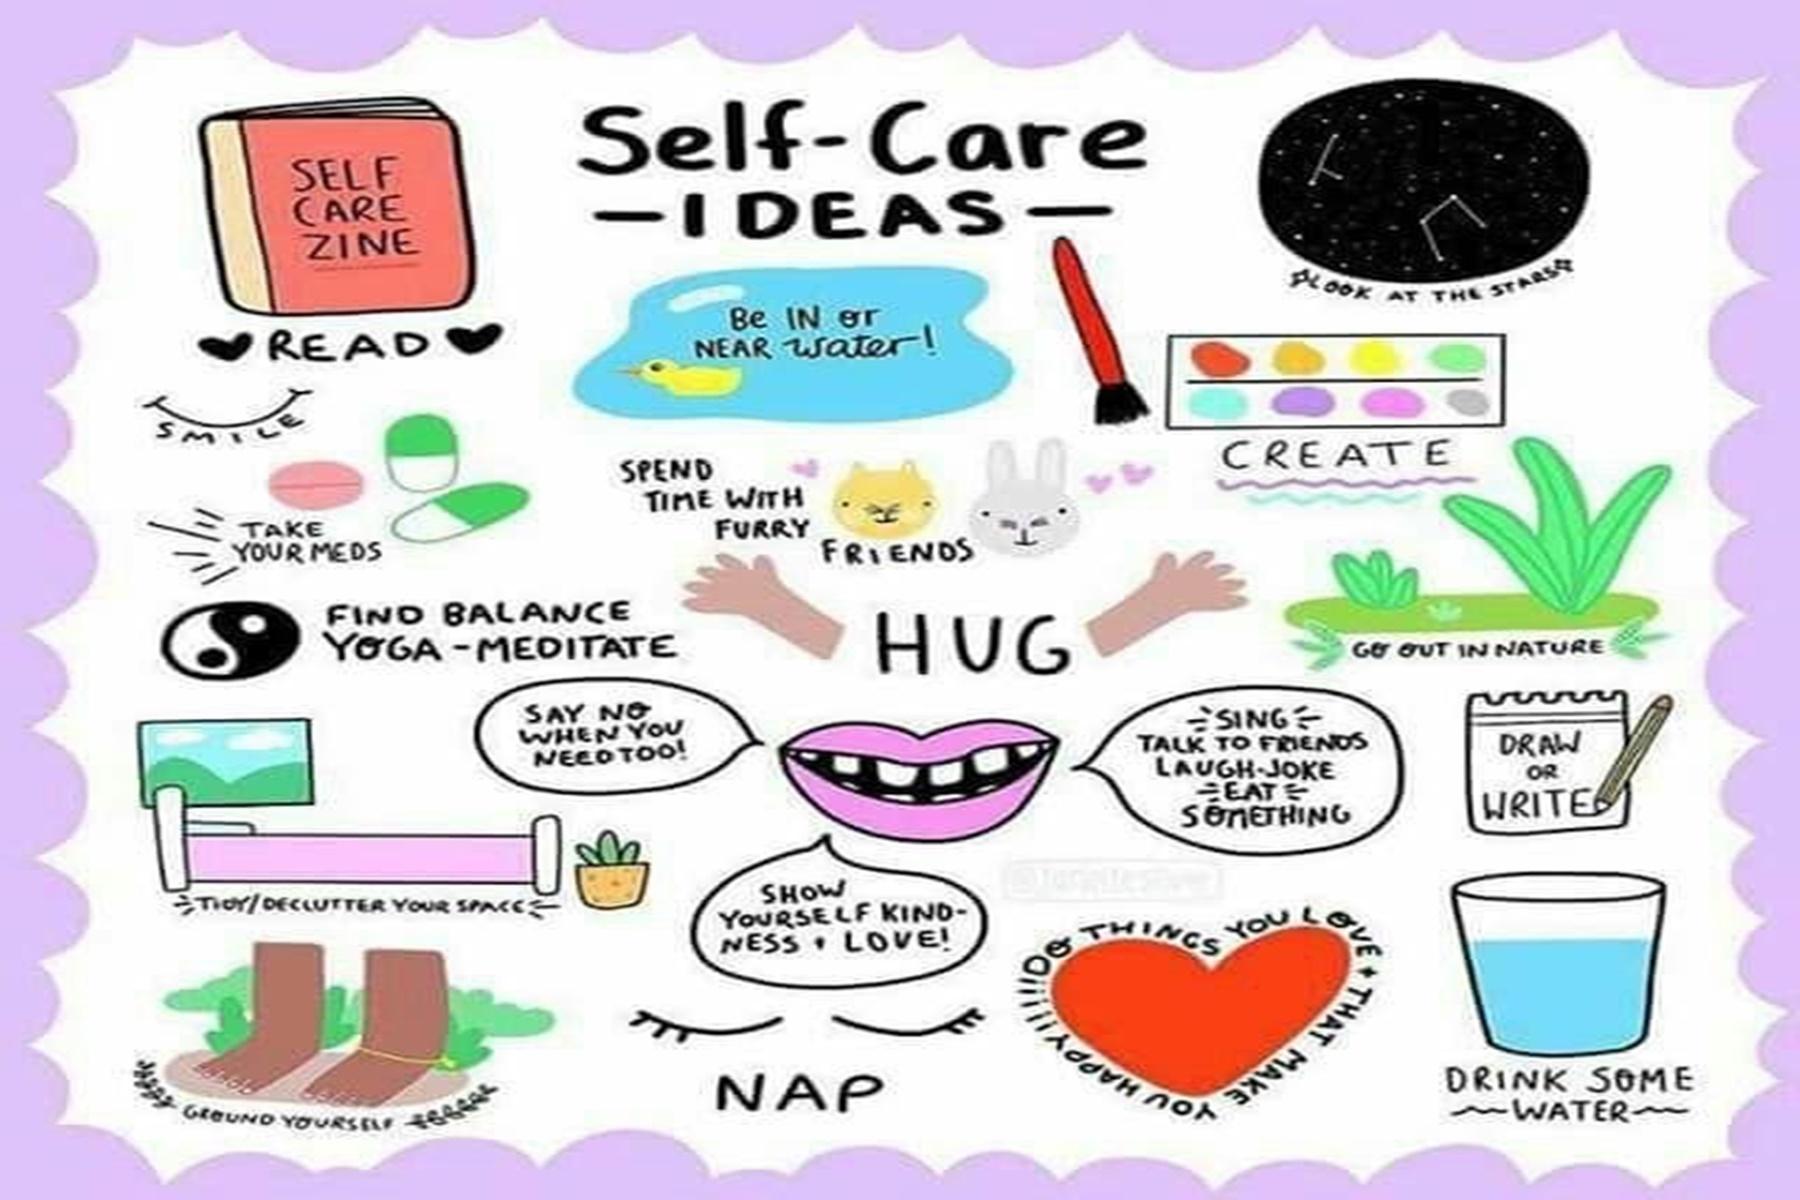 Αυτοφροντίδα : Συμβουλές για να διαμορφωσεις την καθημερινή σου ρουτίνα